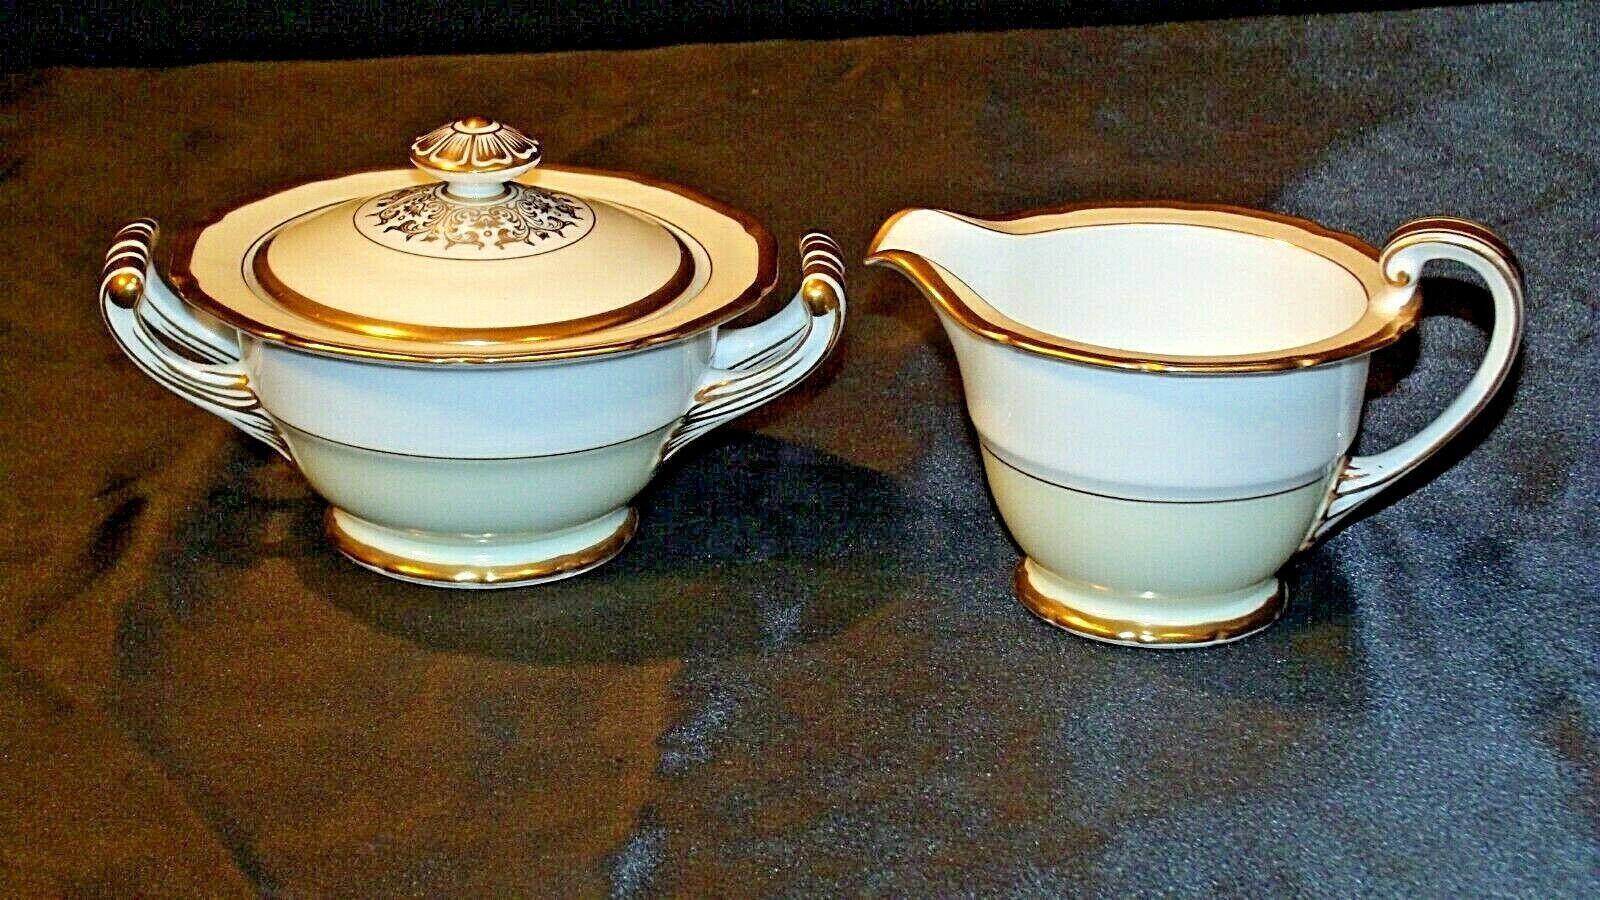 Noritake China Japan Goldora 882 Cream and Sugar with lid AA20-2140 Vintage